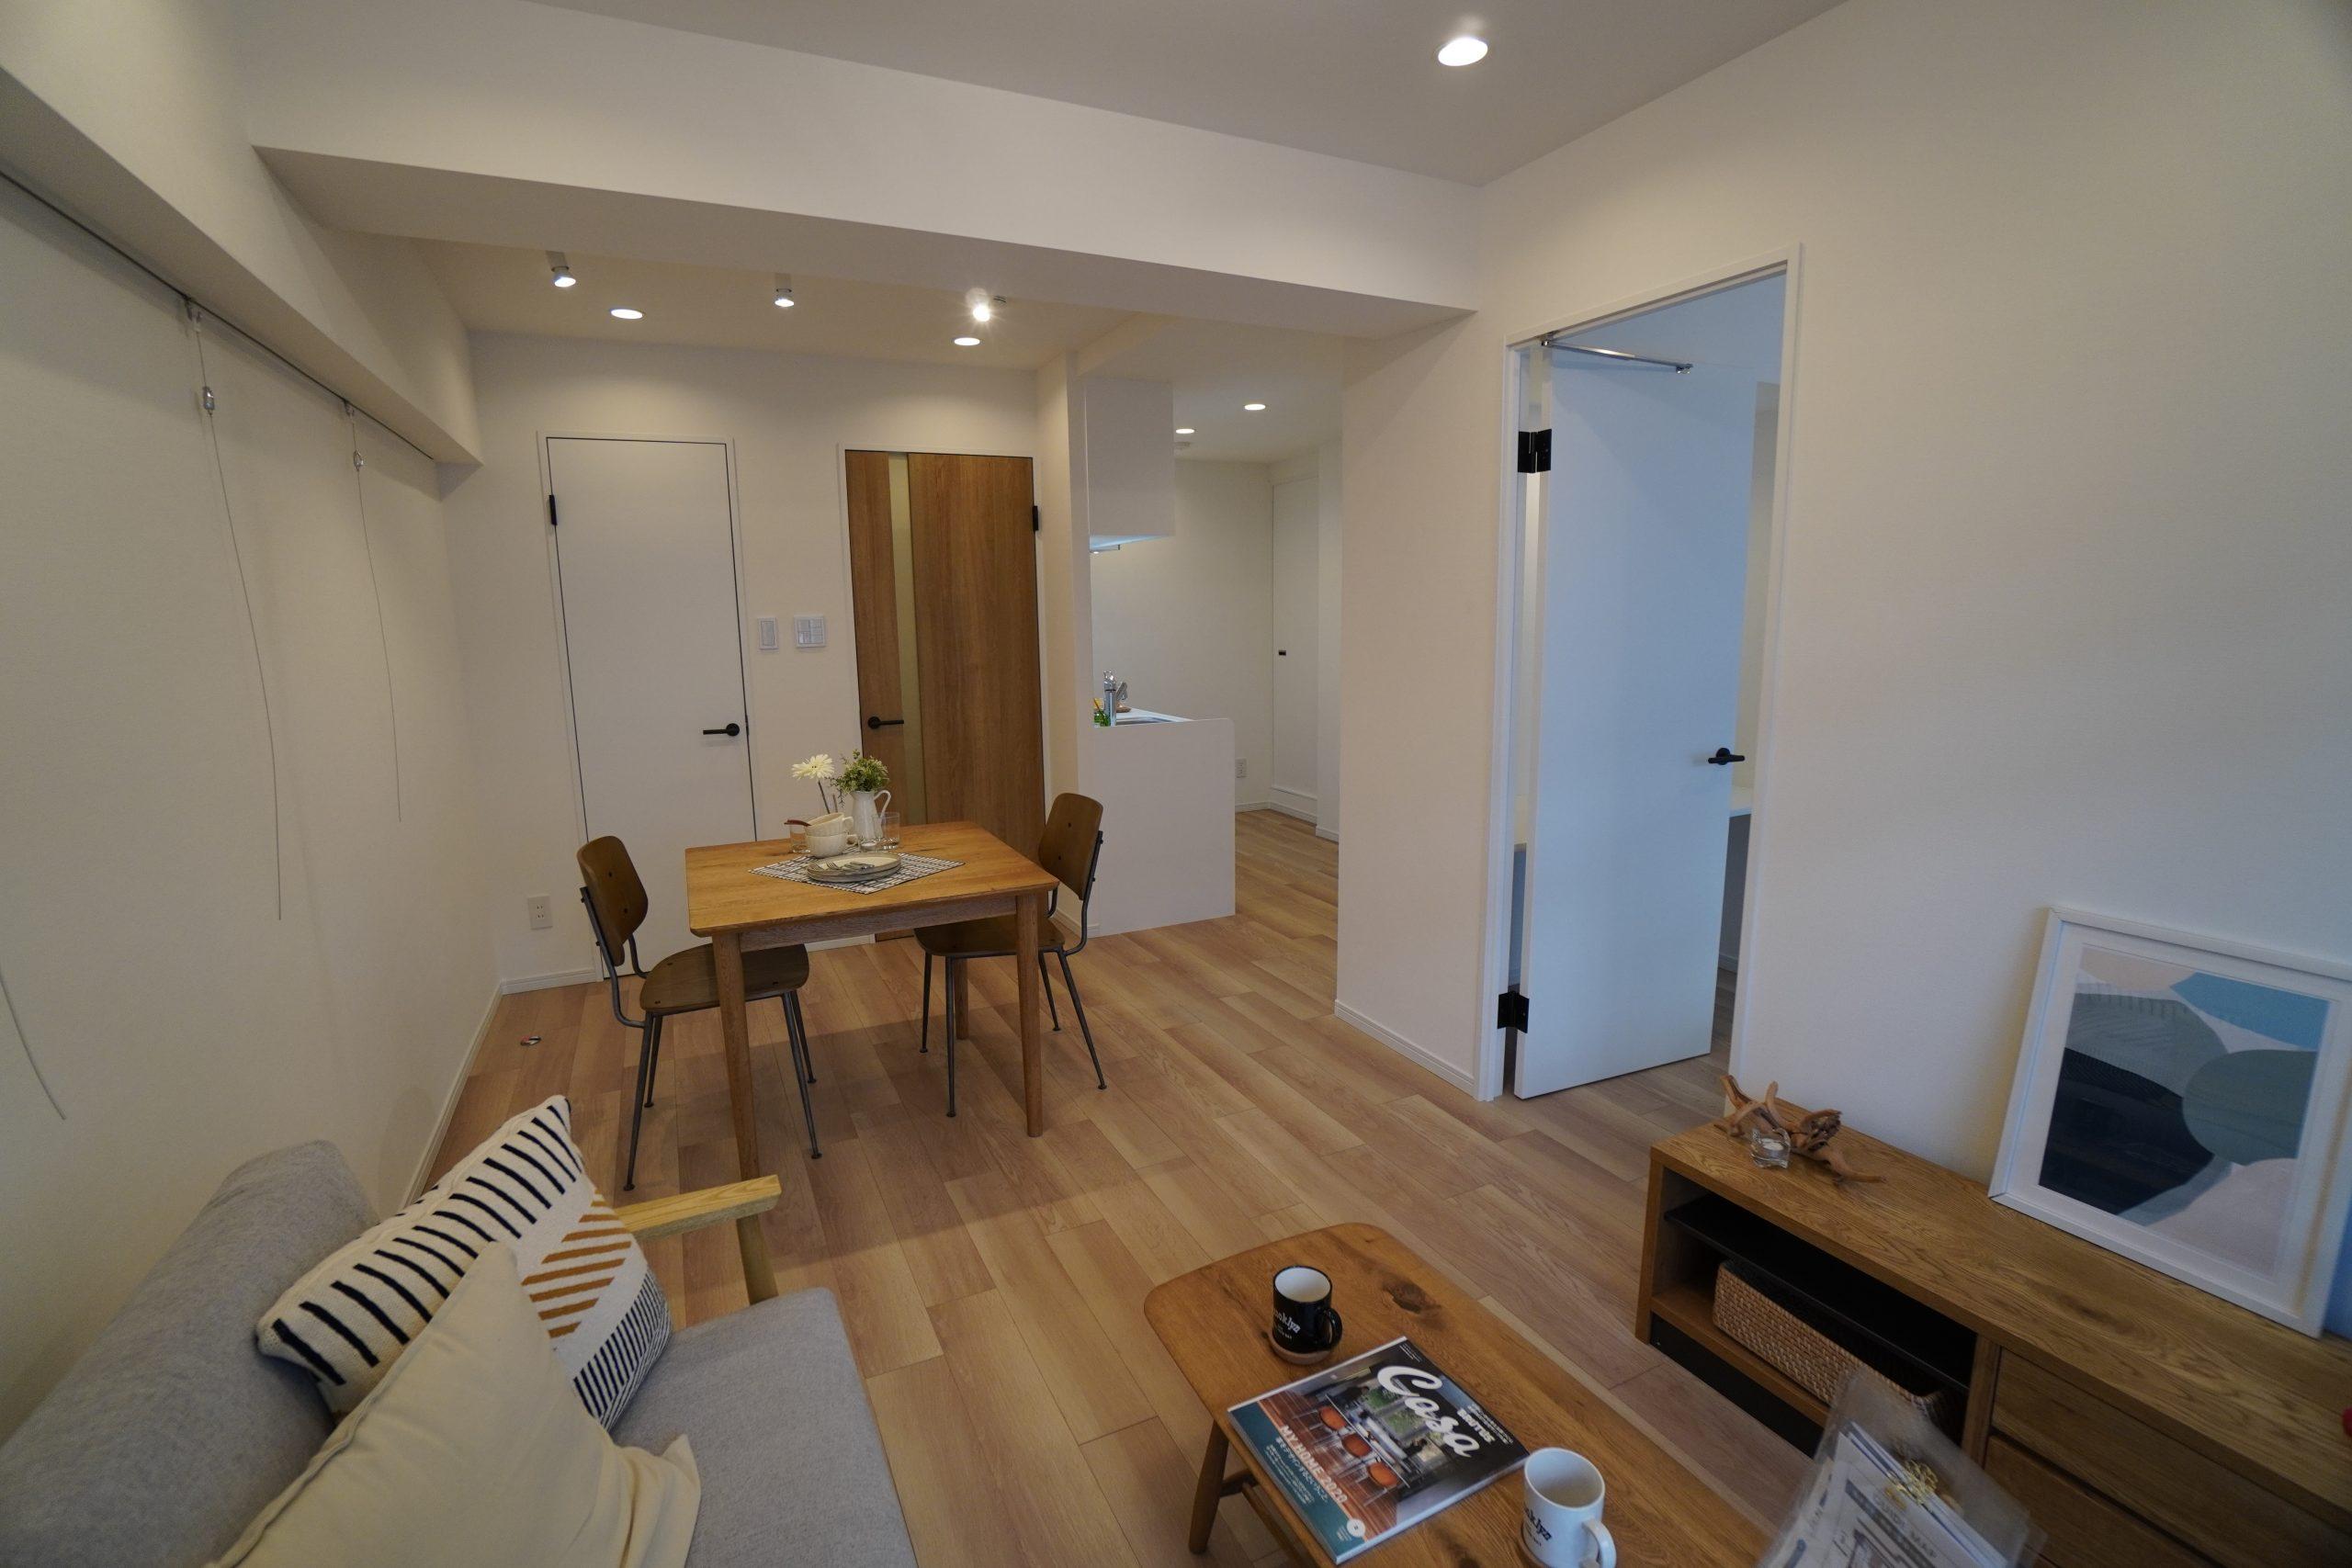 恵比寿スカイハイツ 413号室の写真2